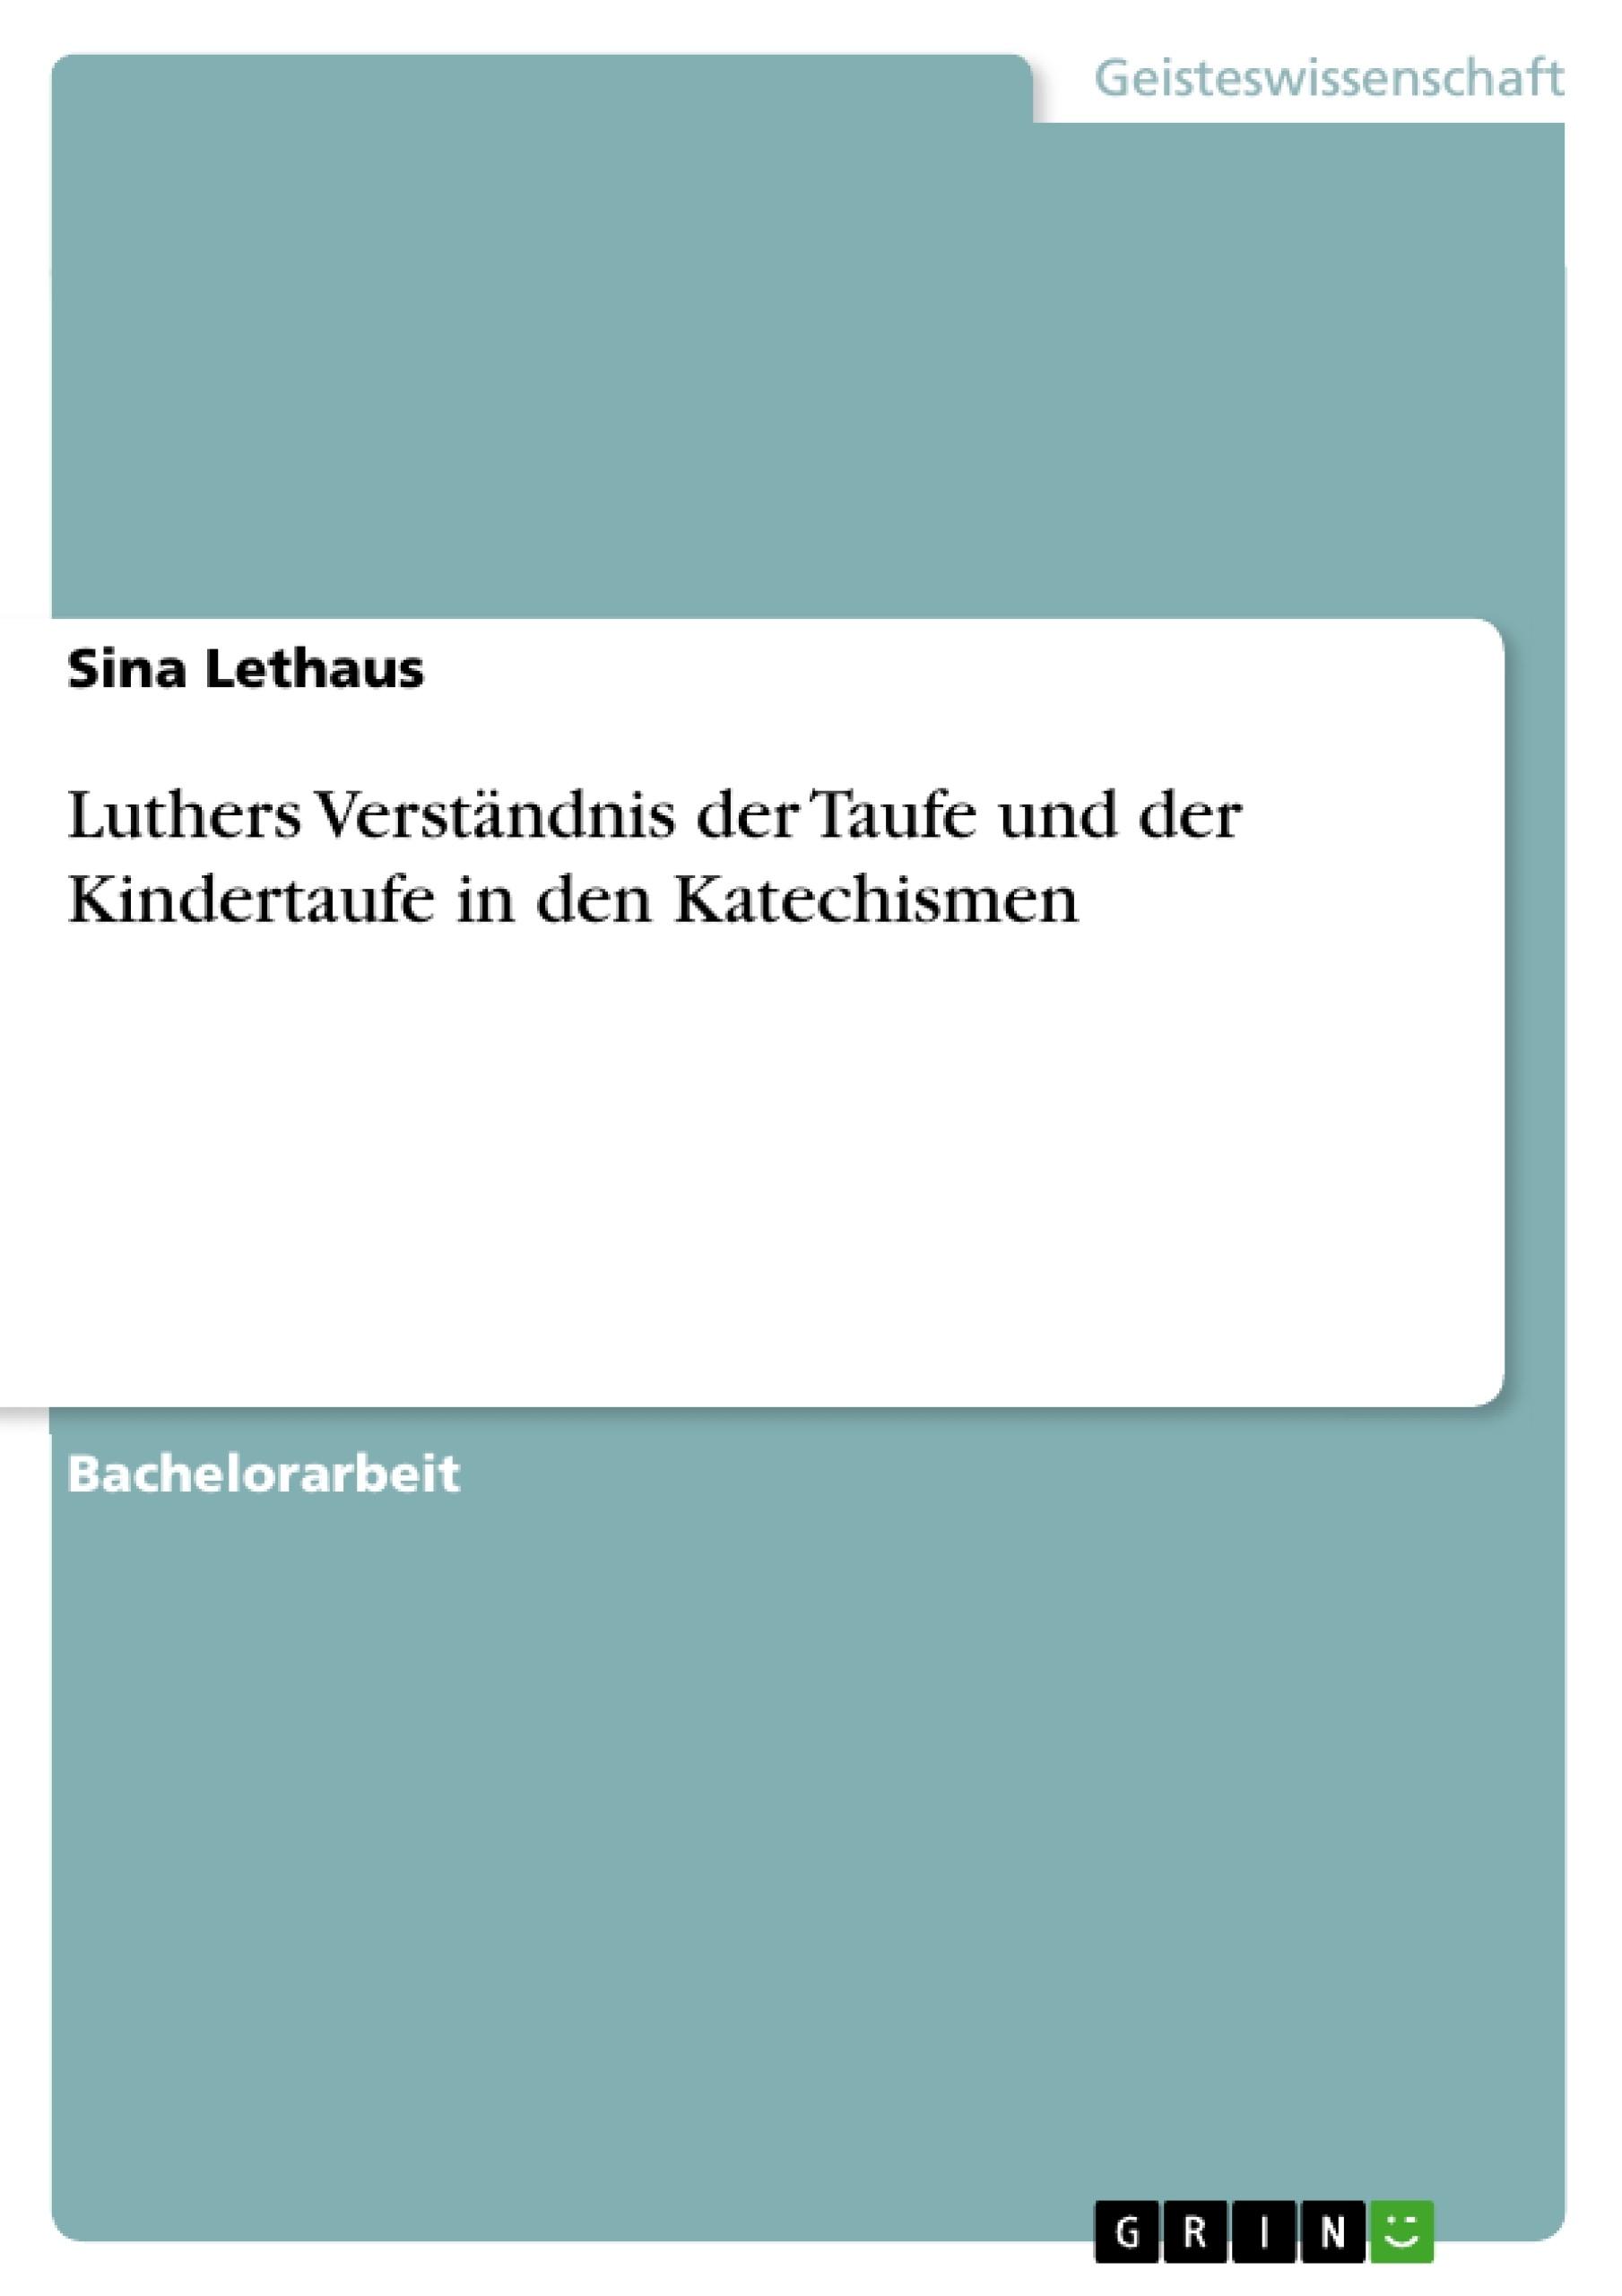 Titel: Luthers Verständnis der Taufe und der Kindertaufe in den Katechismen